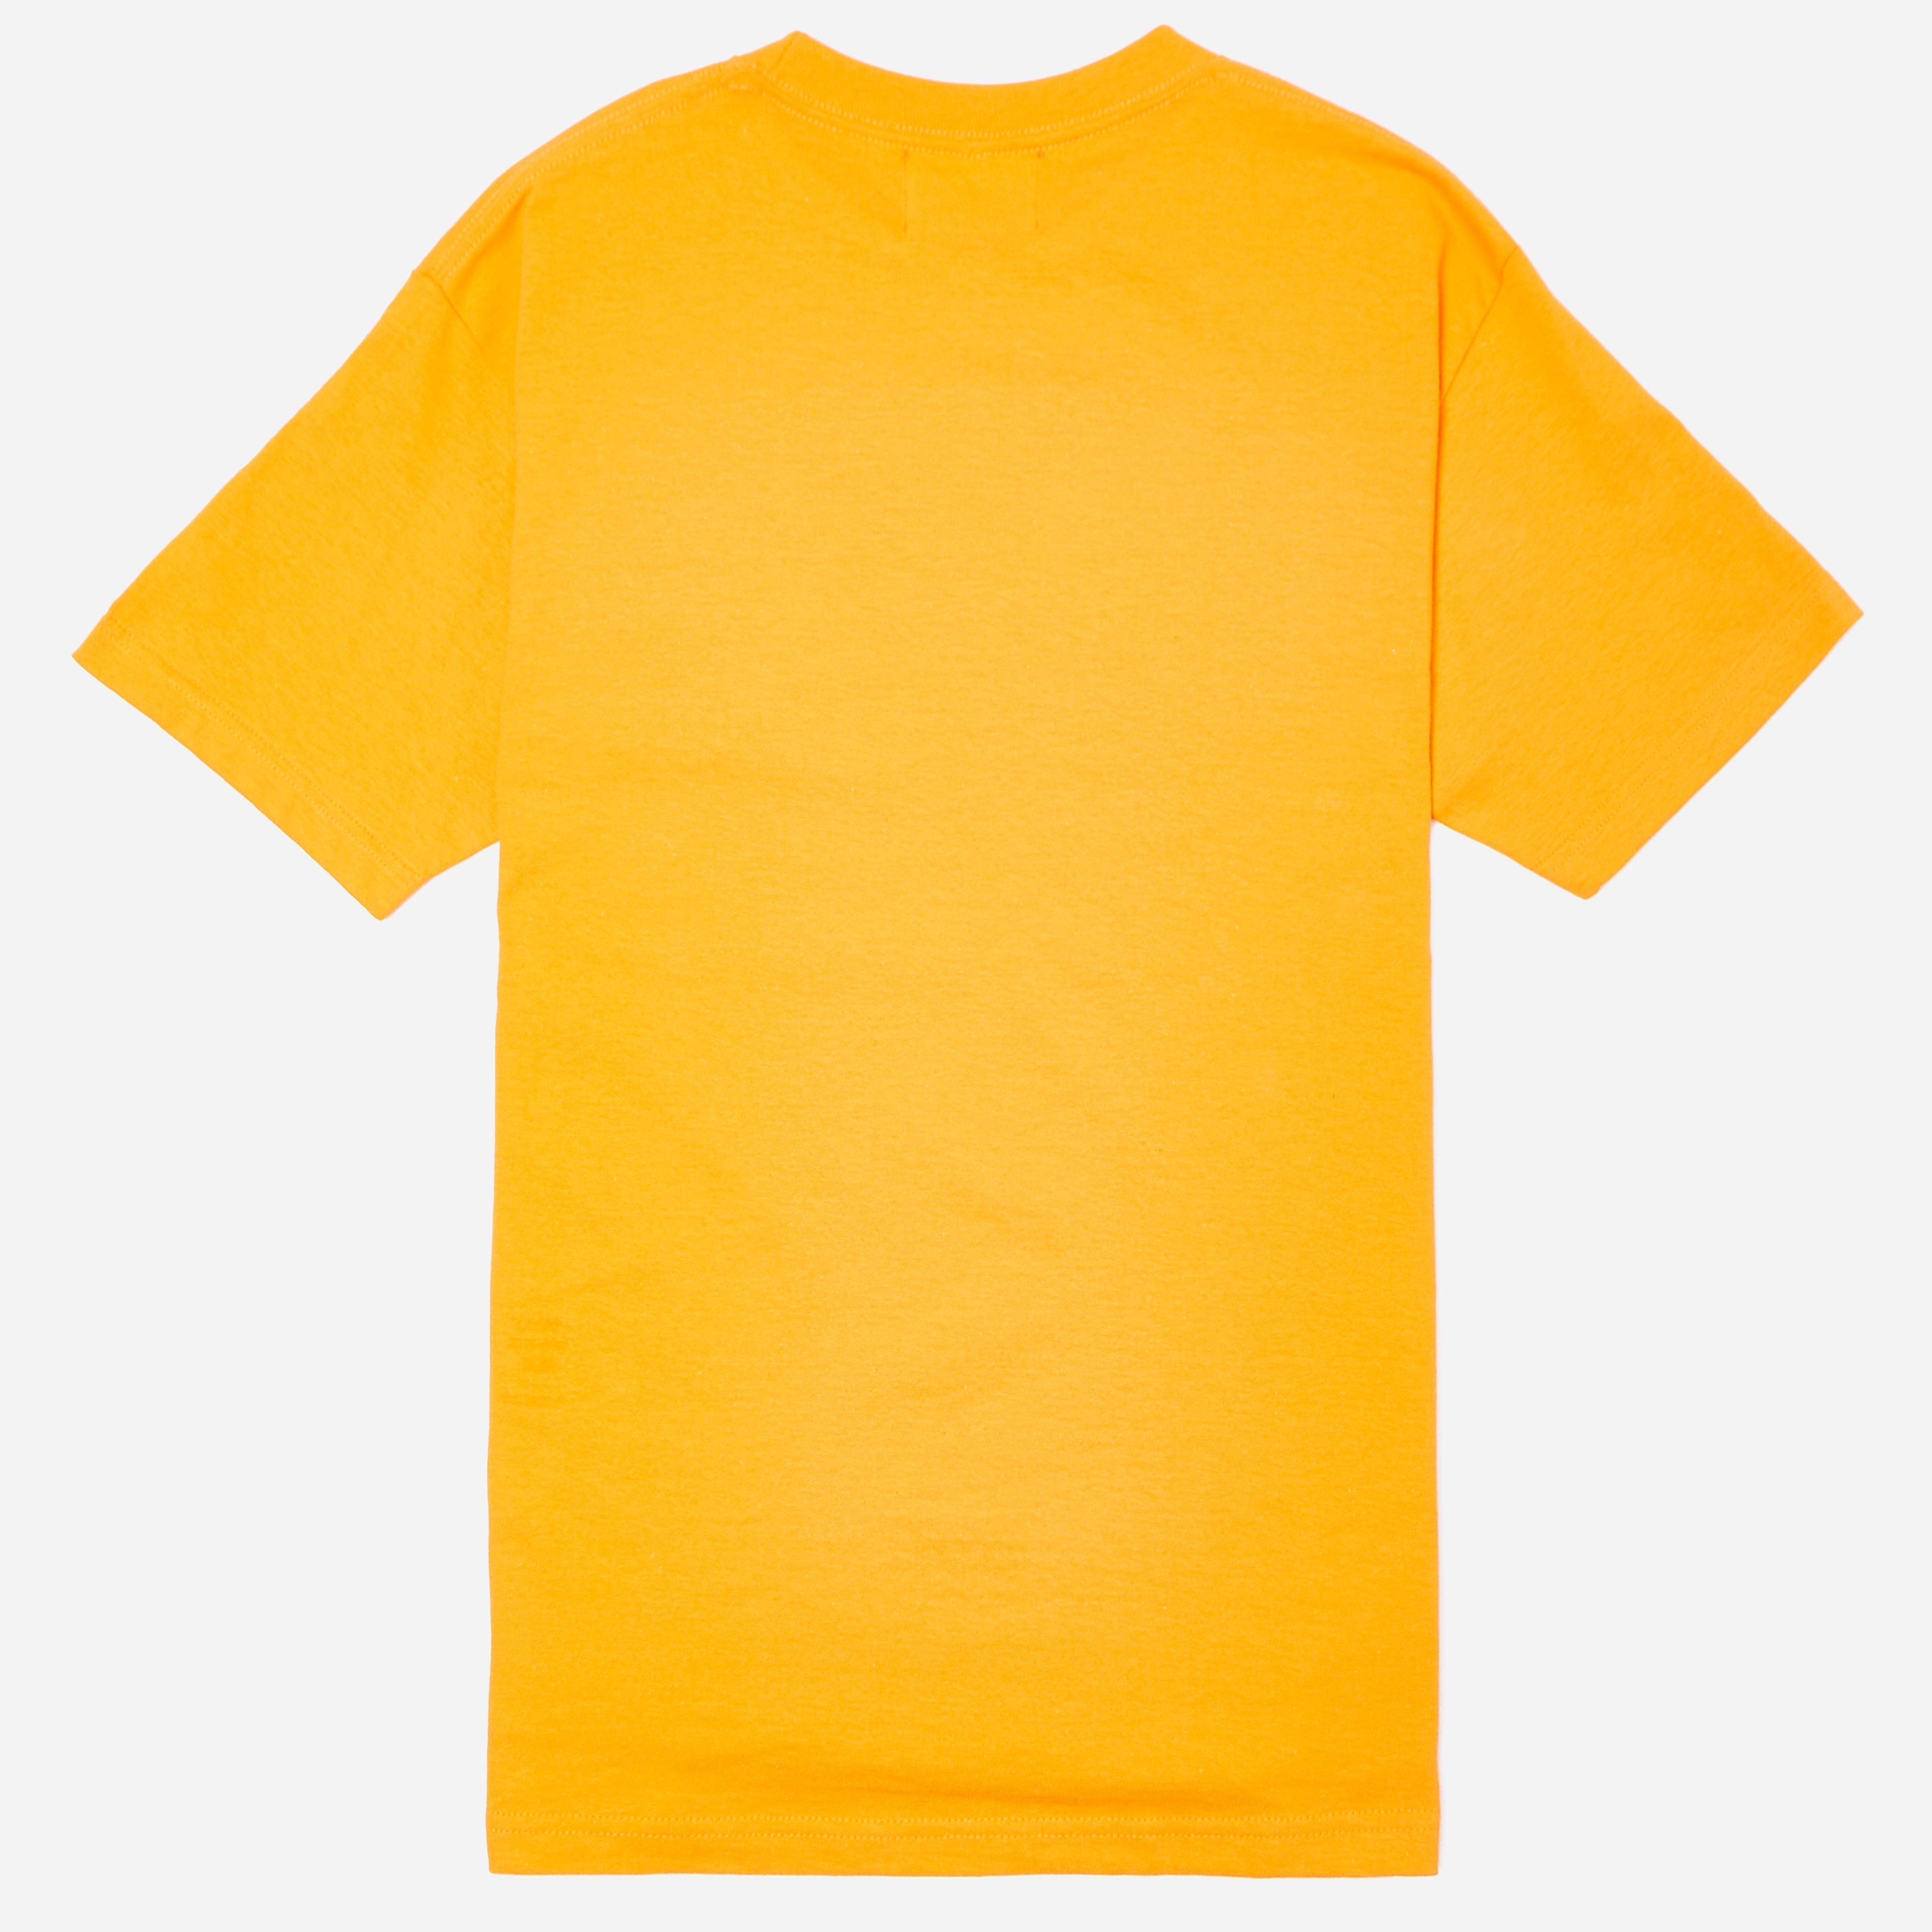 Awake NY Hoop T-shirt